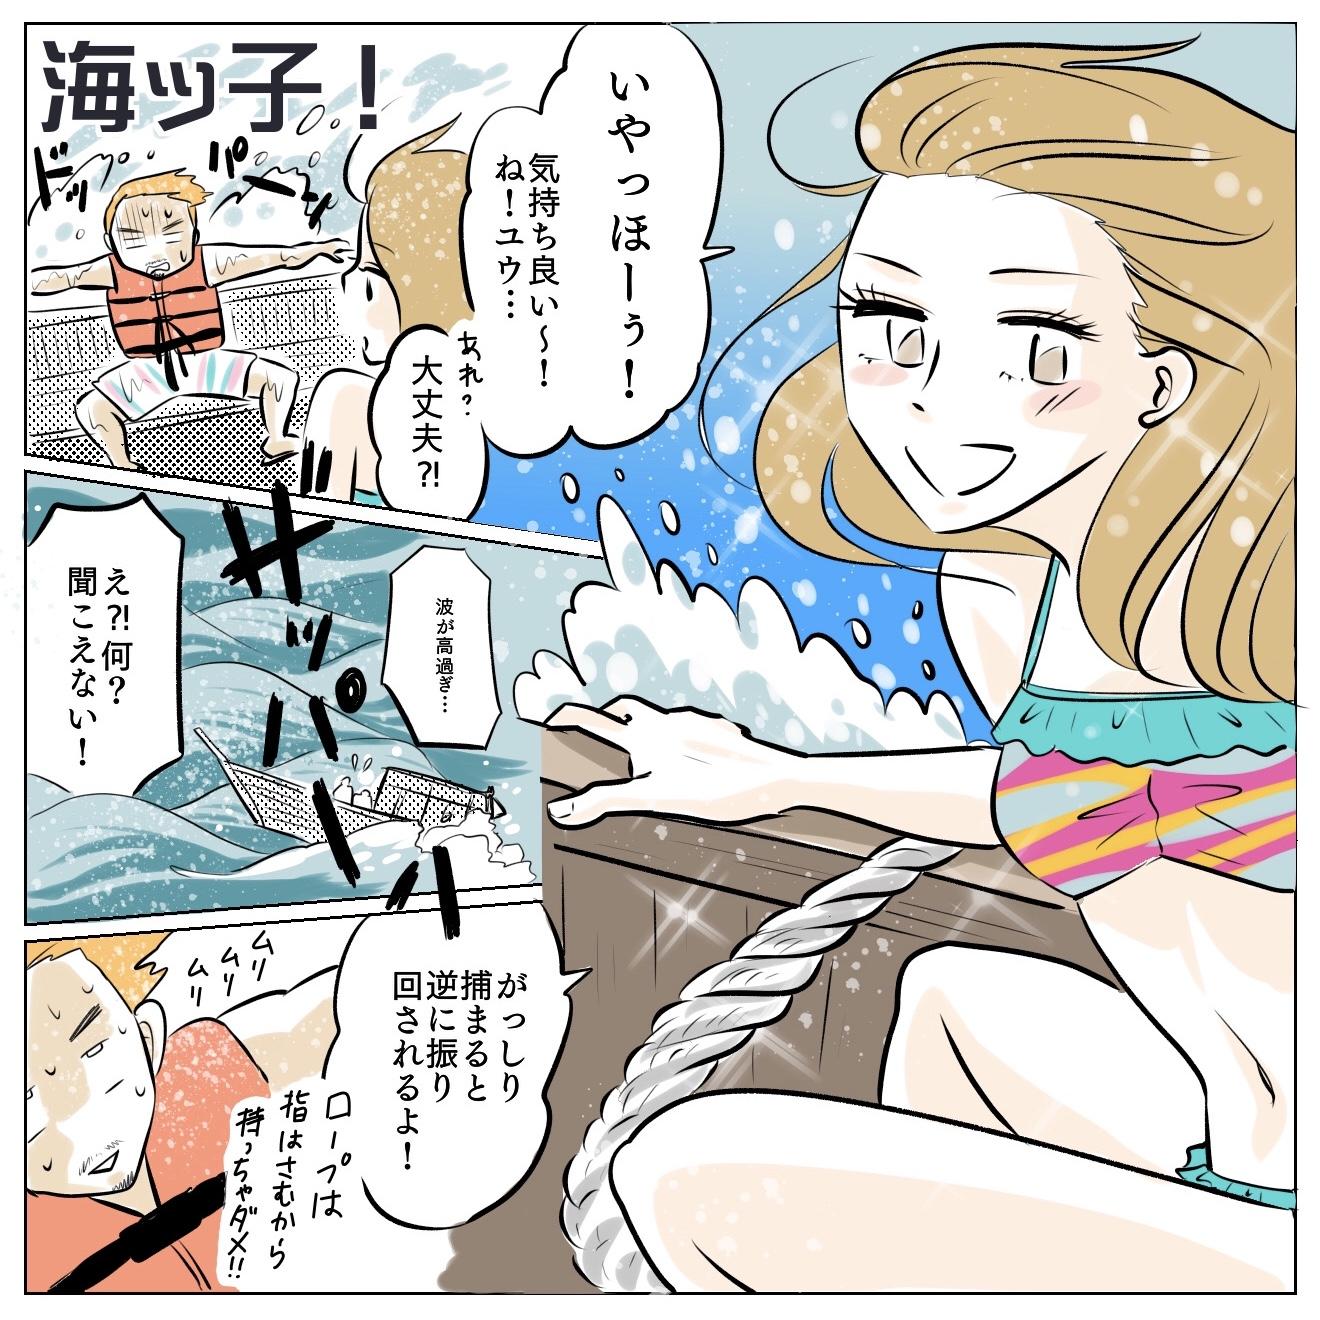 荒波で揺れる船の上で楽しそうなアキとグロッキーなユウくん